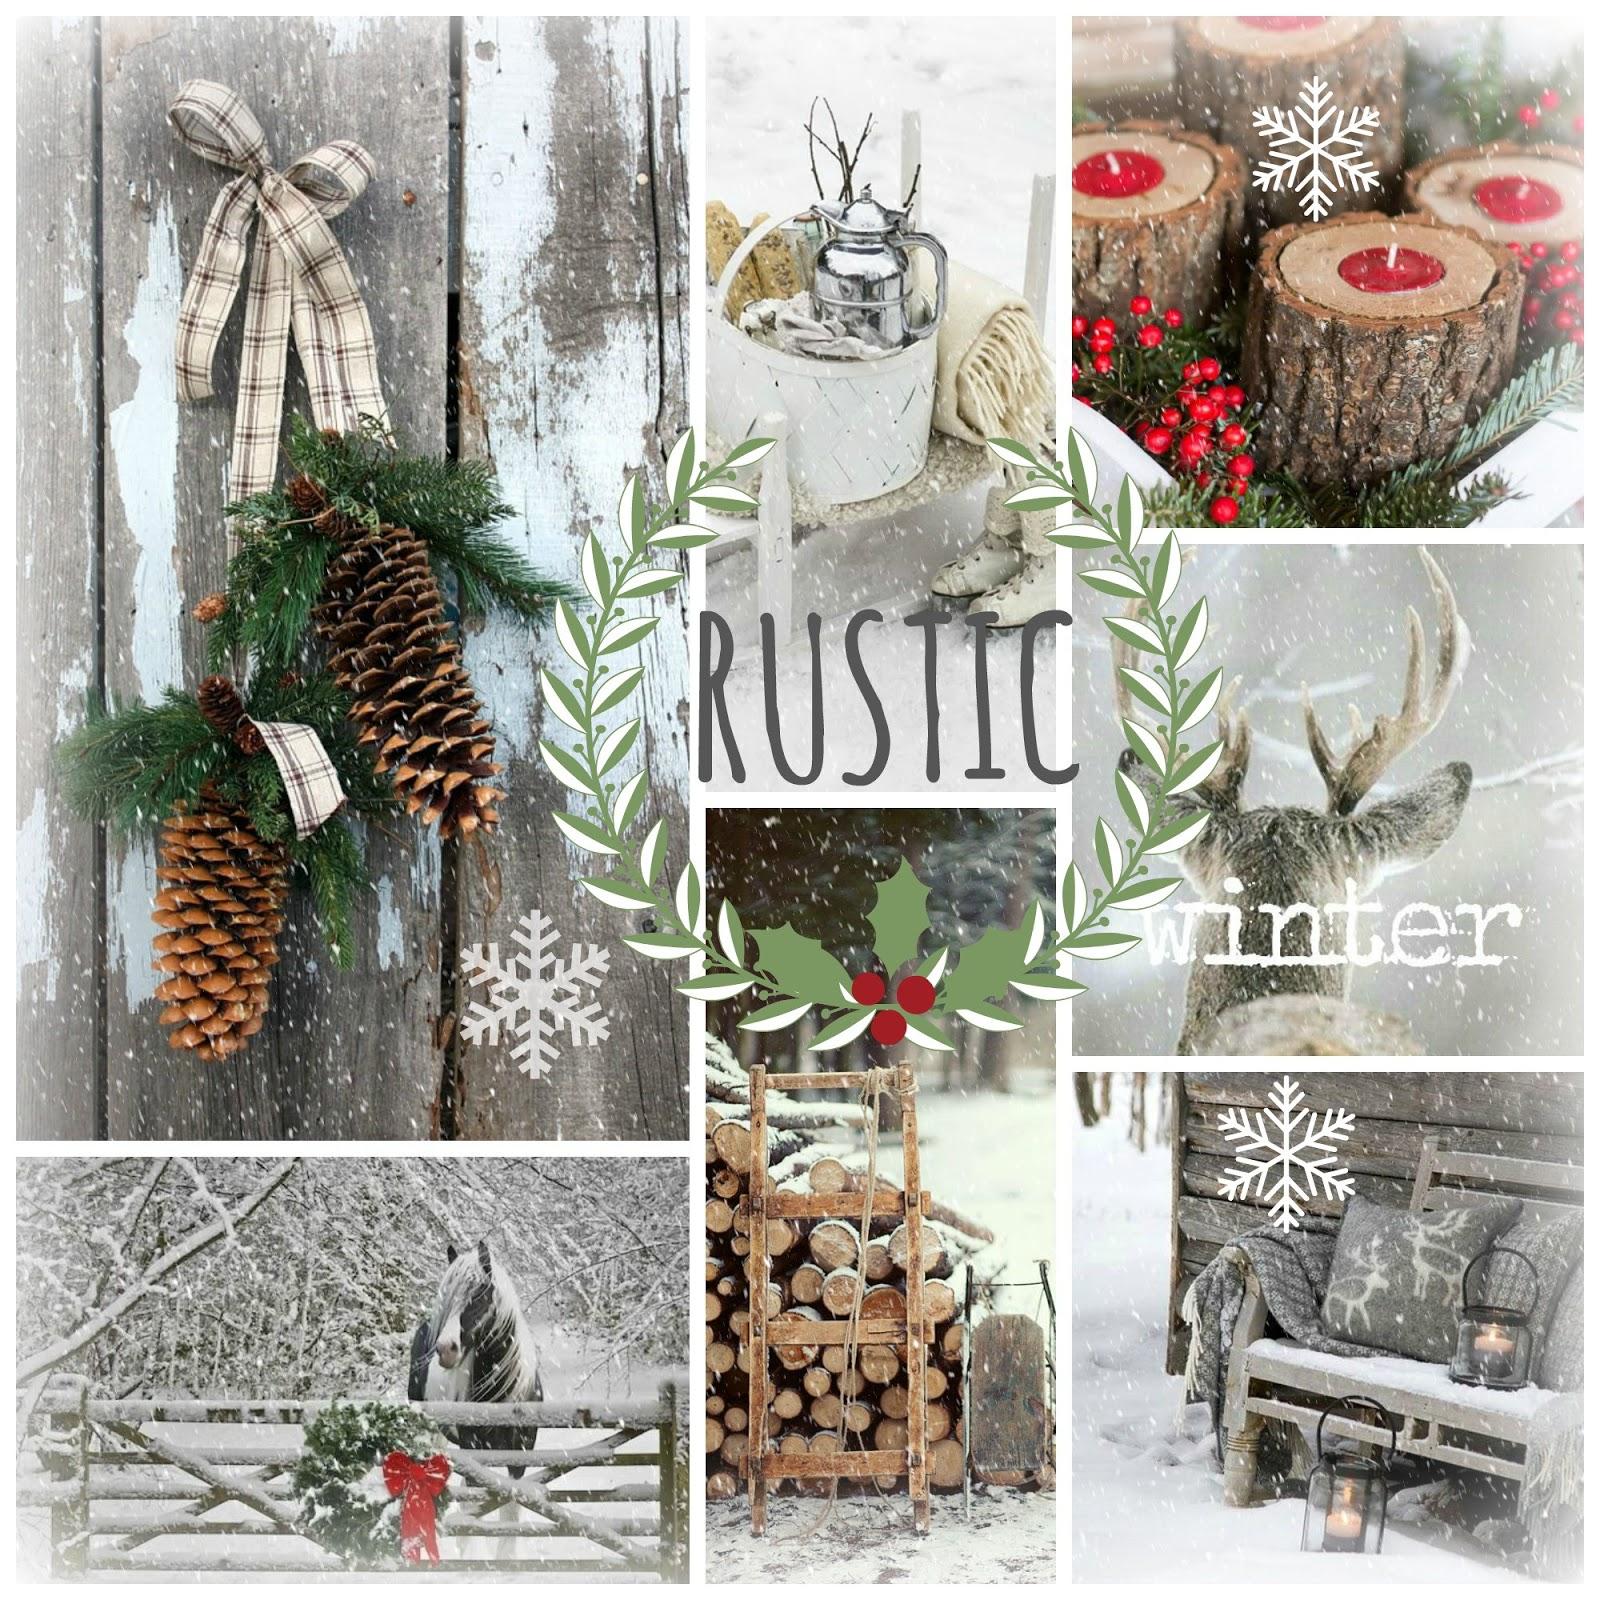 http://wdohnowenie.blogspot.ru/2015/11/rustic-winter_56.html